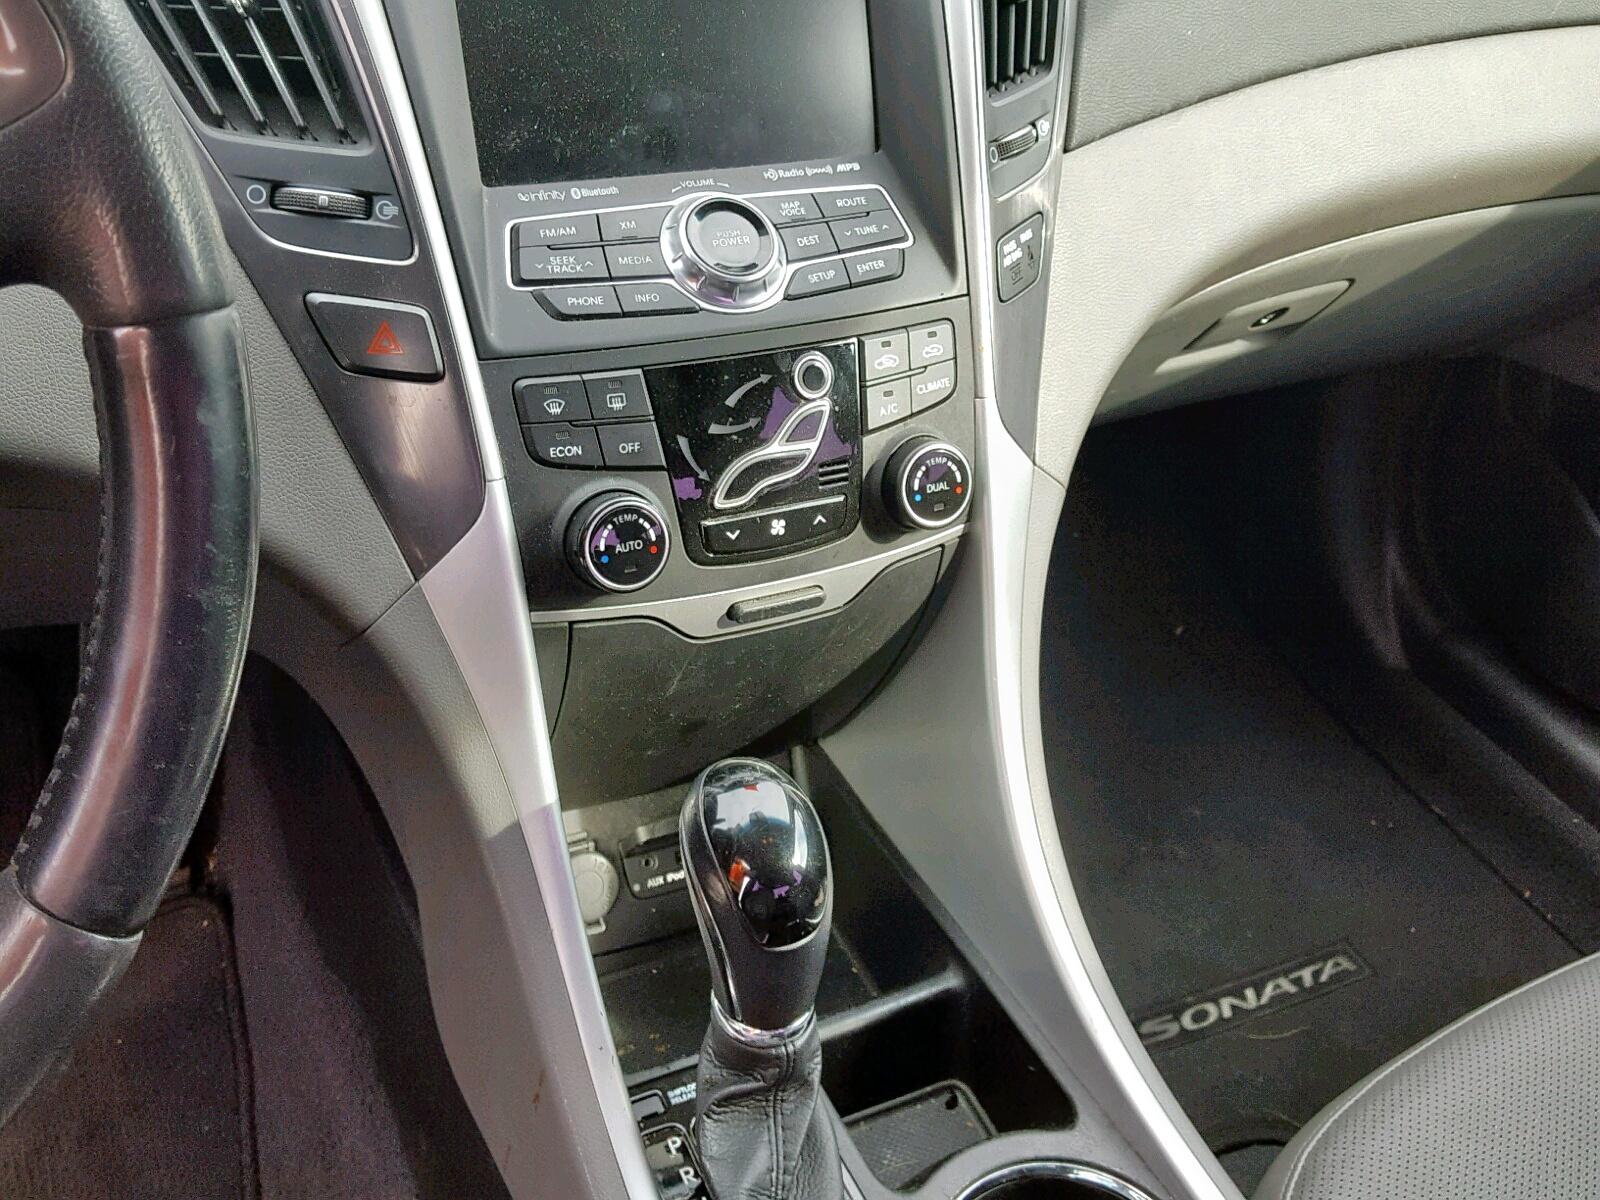 2012 Hyundai Sonata Hyb 2.4L engine view